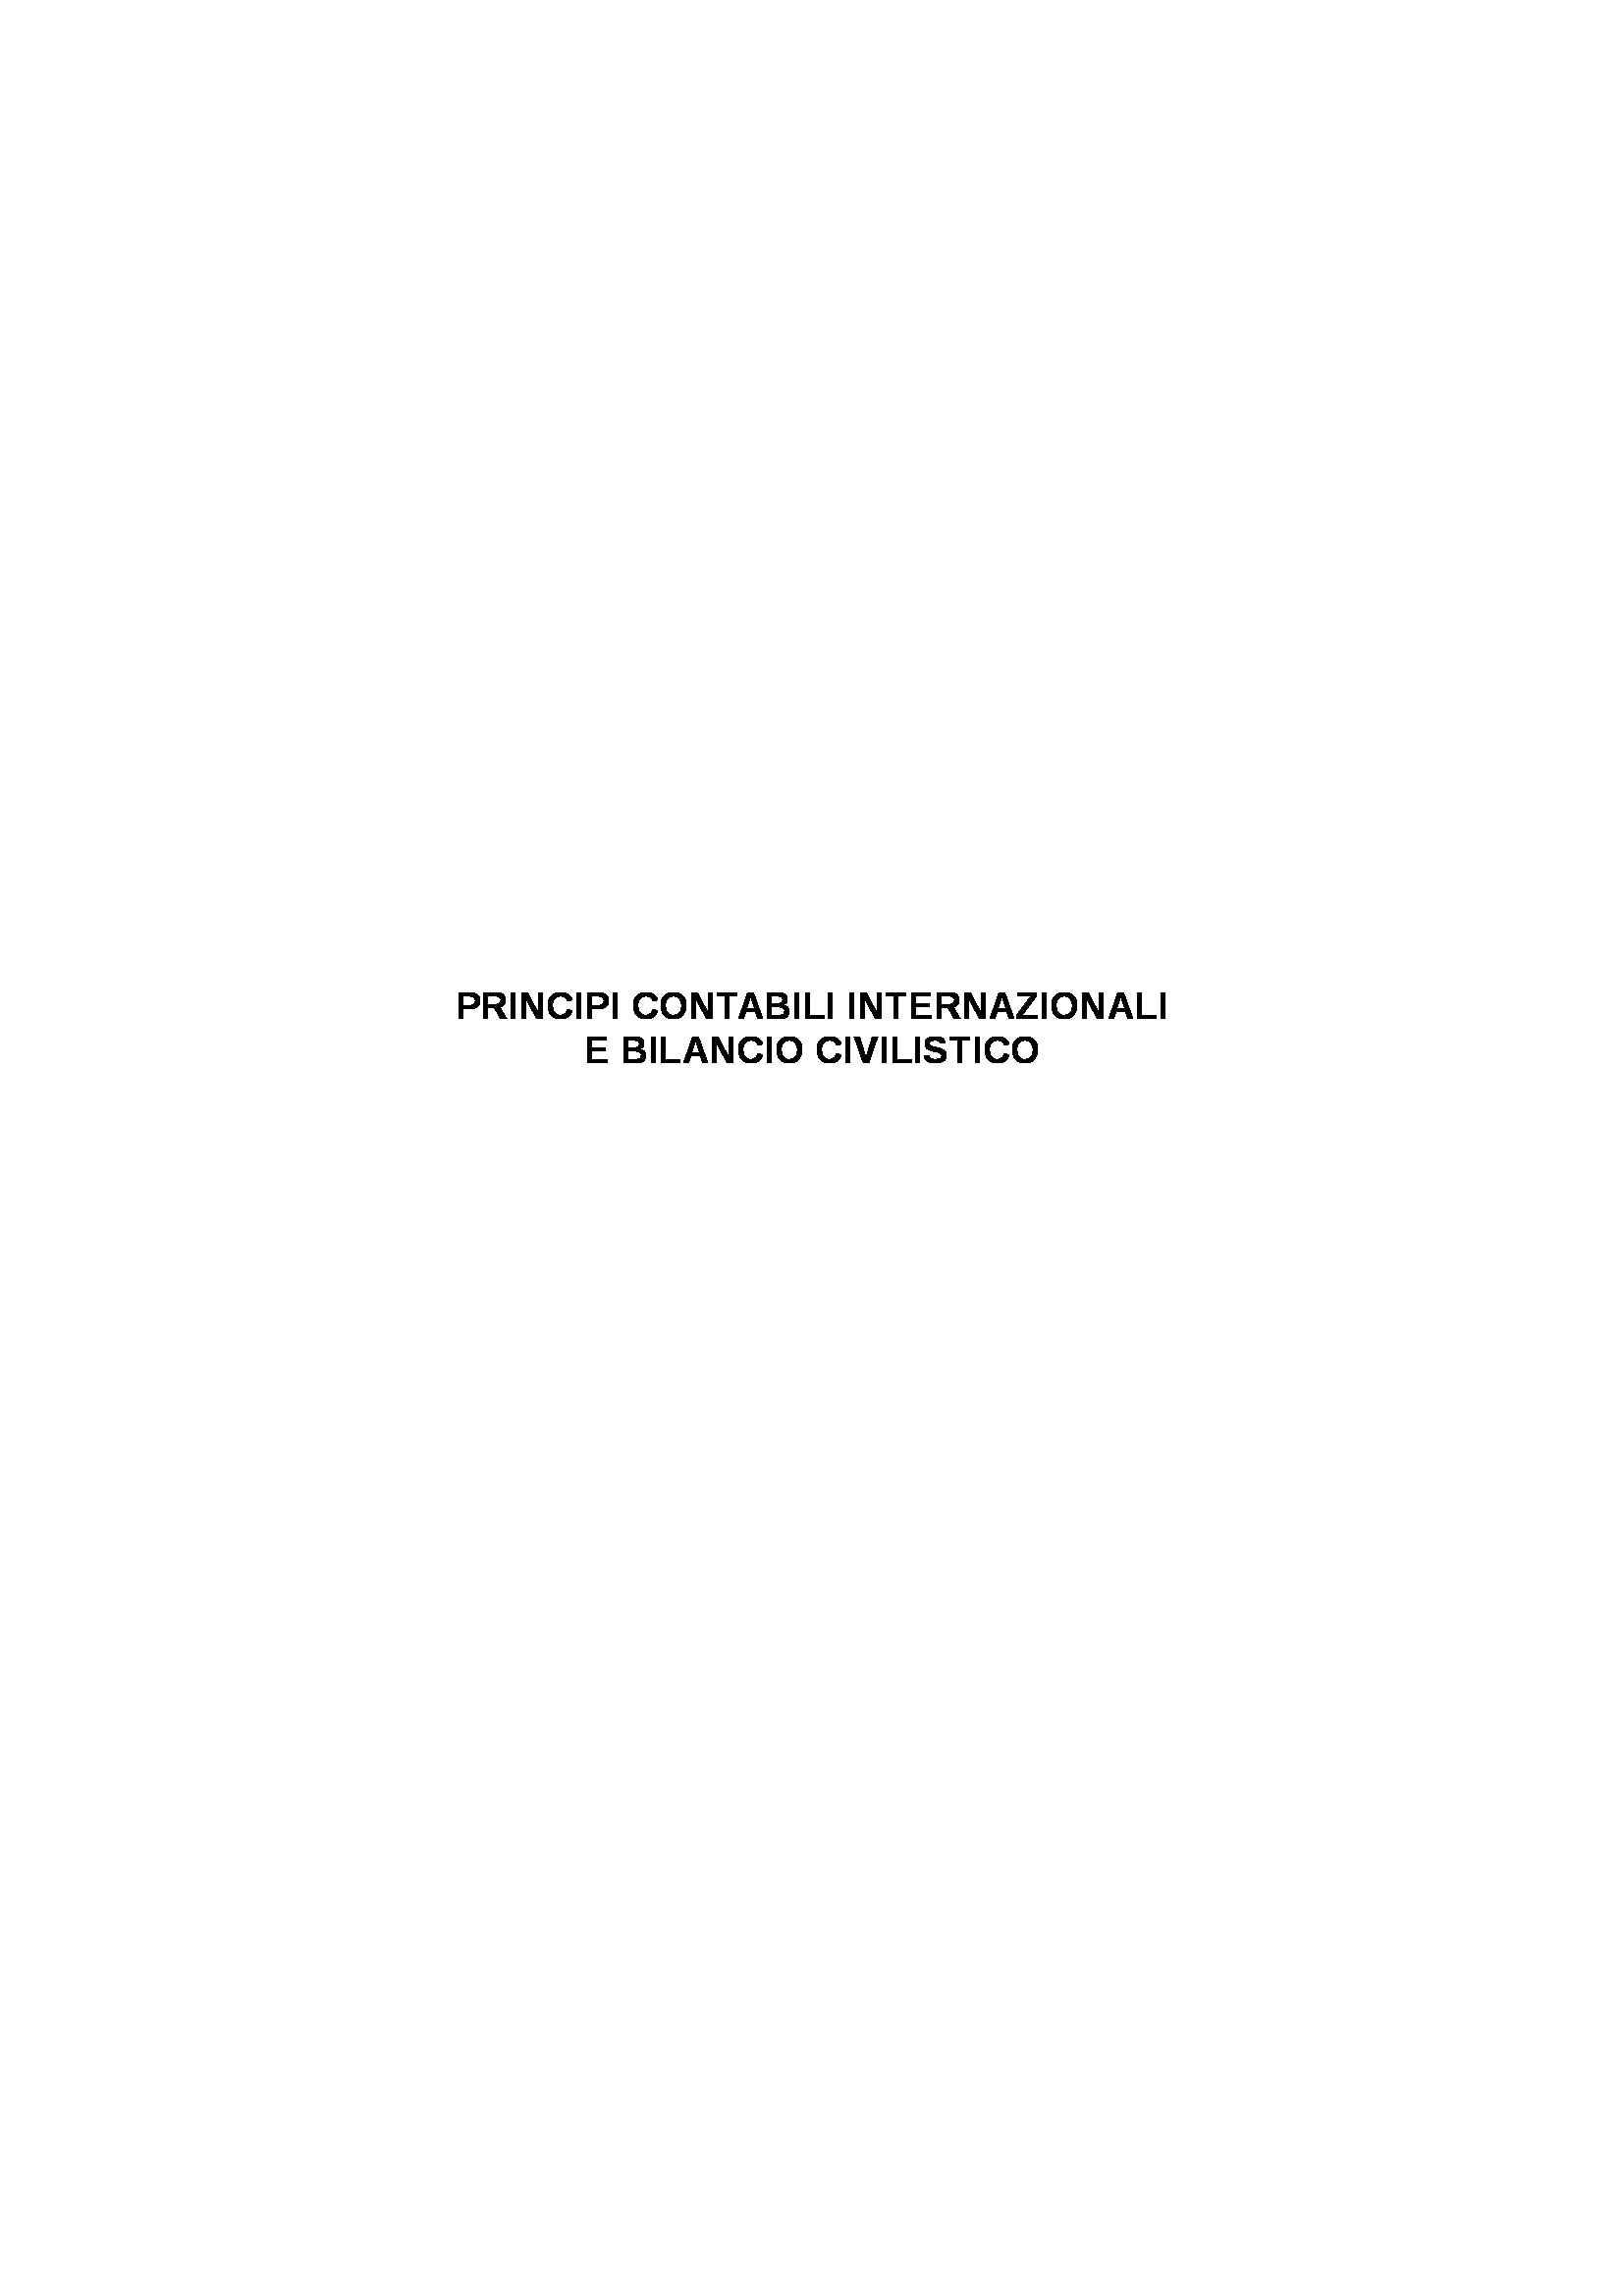 Riassunto esame Principi contabili internazionali, prof. Olivieri